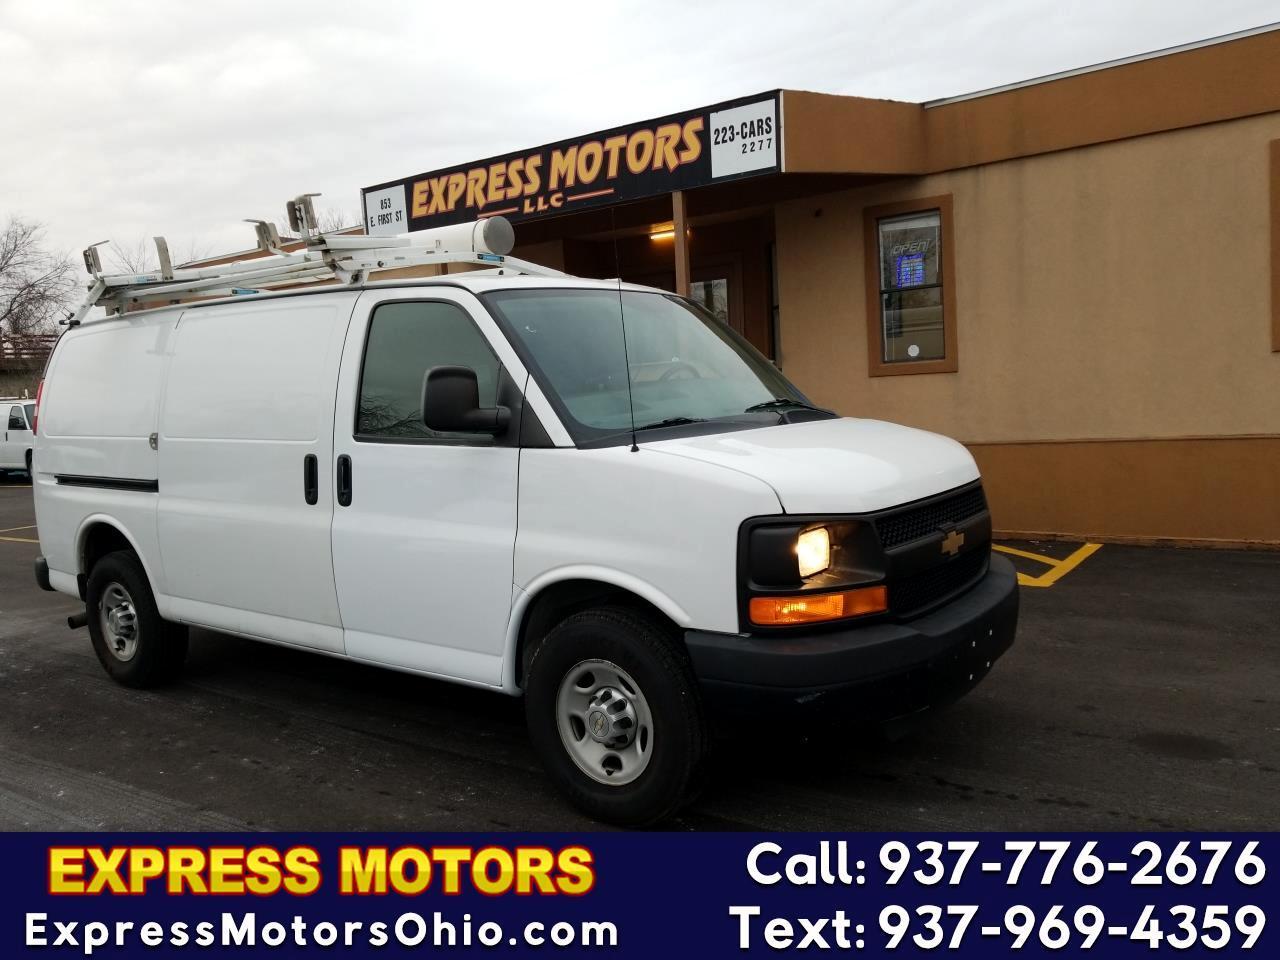 2013 Chevrolet Express Cargo Van RWD 3500 135